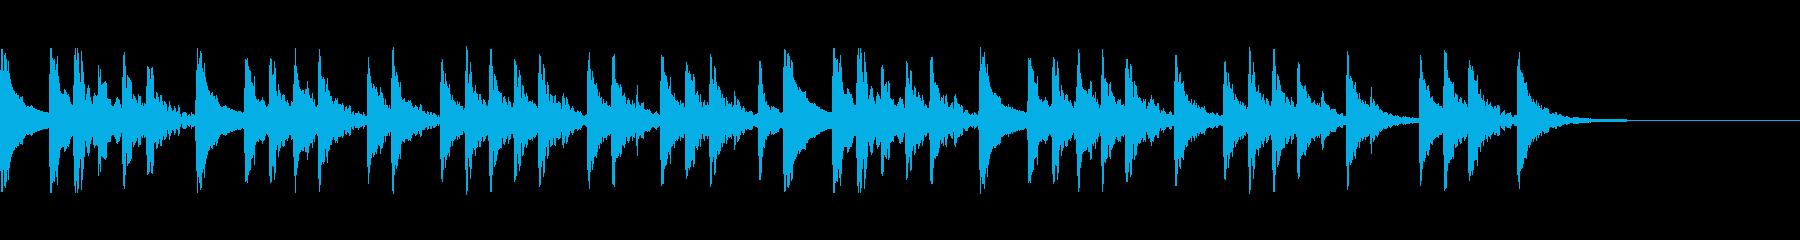 お祭り風の太鼓の再生済みの波形